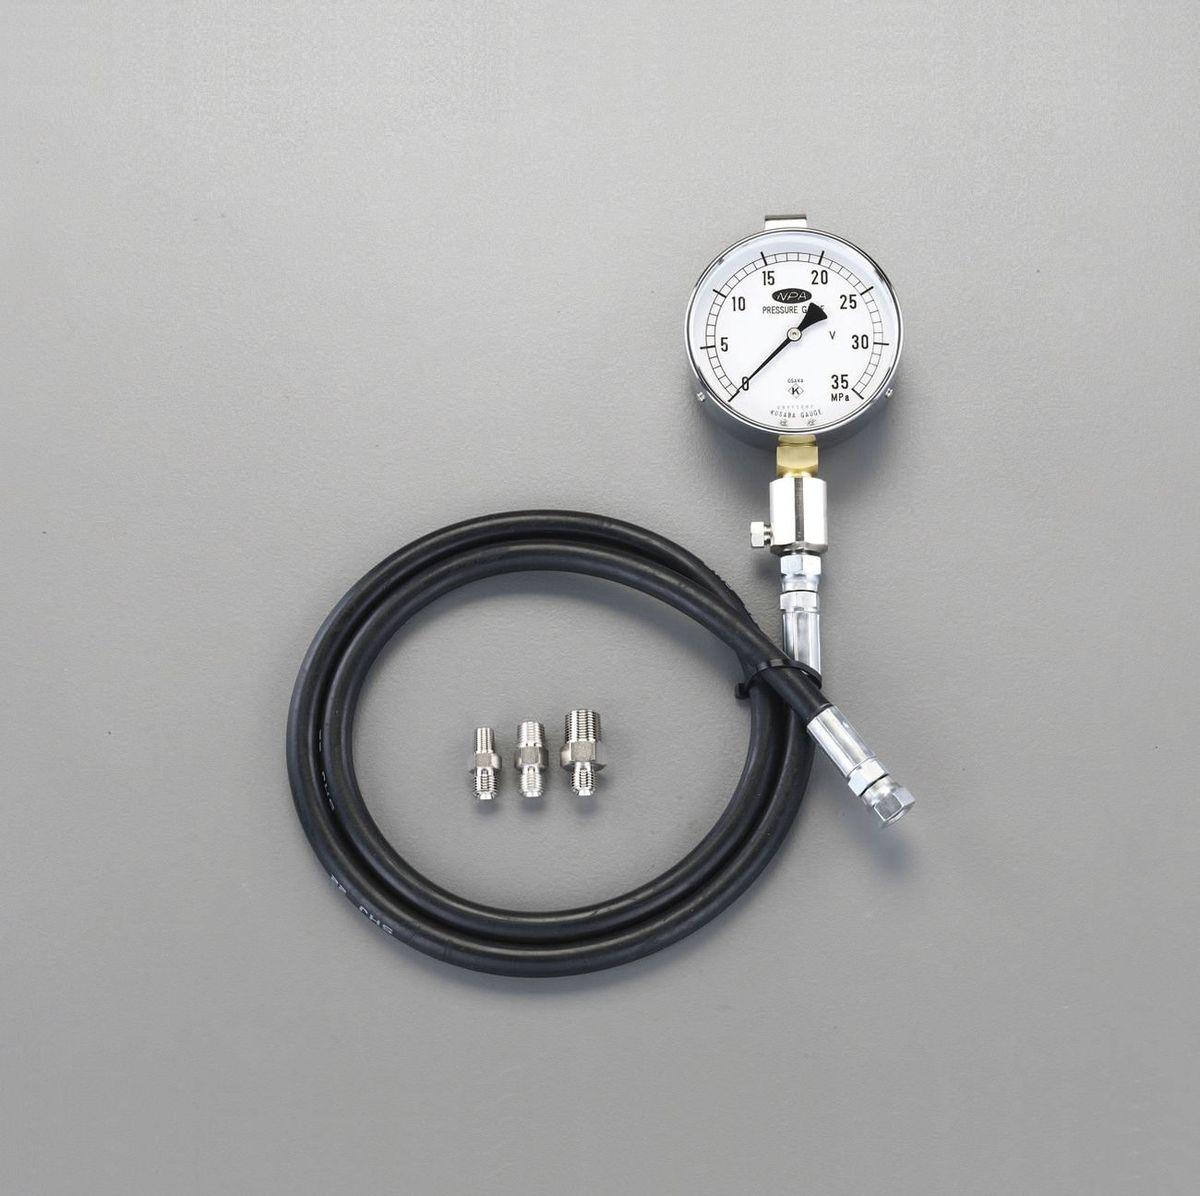 【メーカー在庫あり】 エスコ ESCO 30MPa/100mm 高圧用油圧計 000012208643 HD